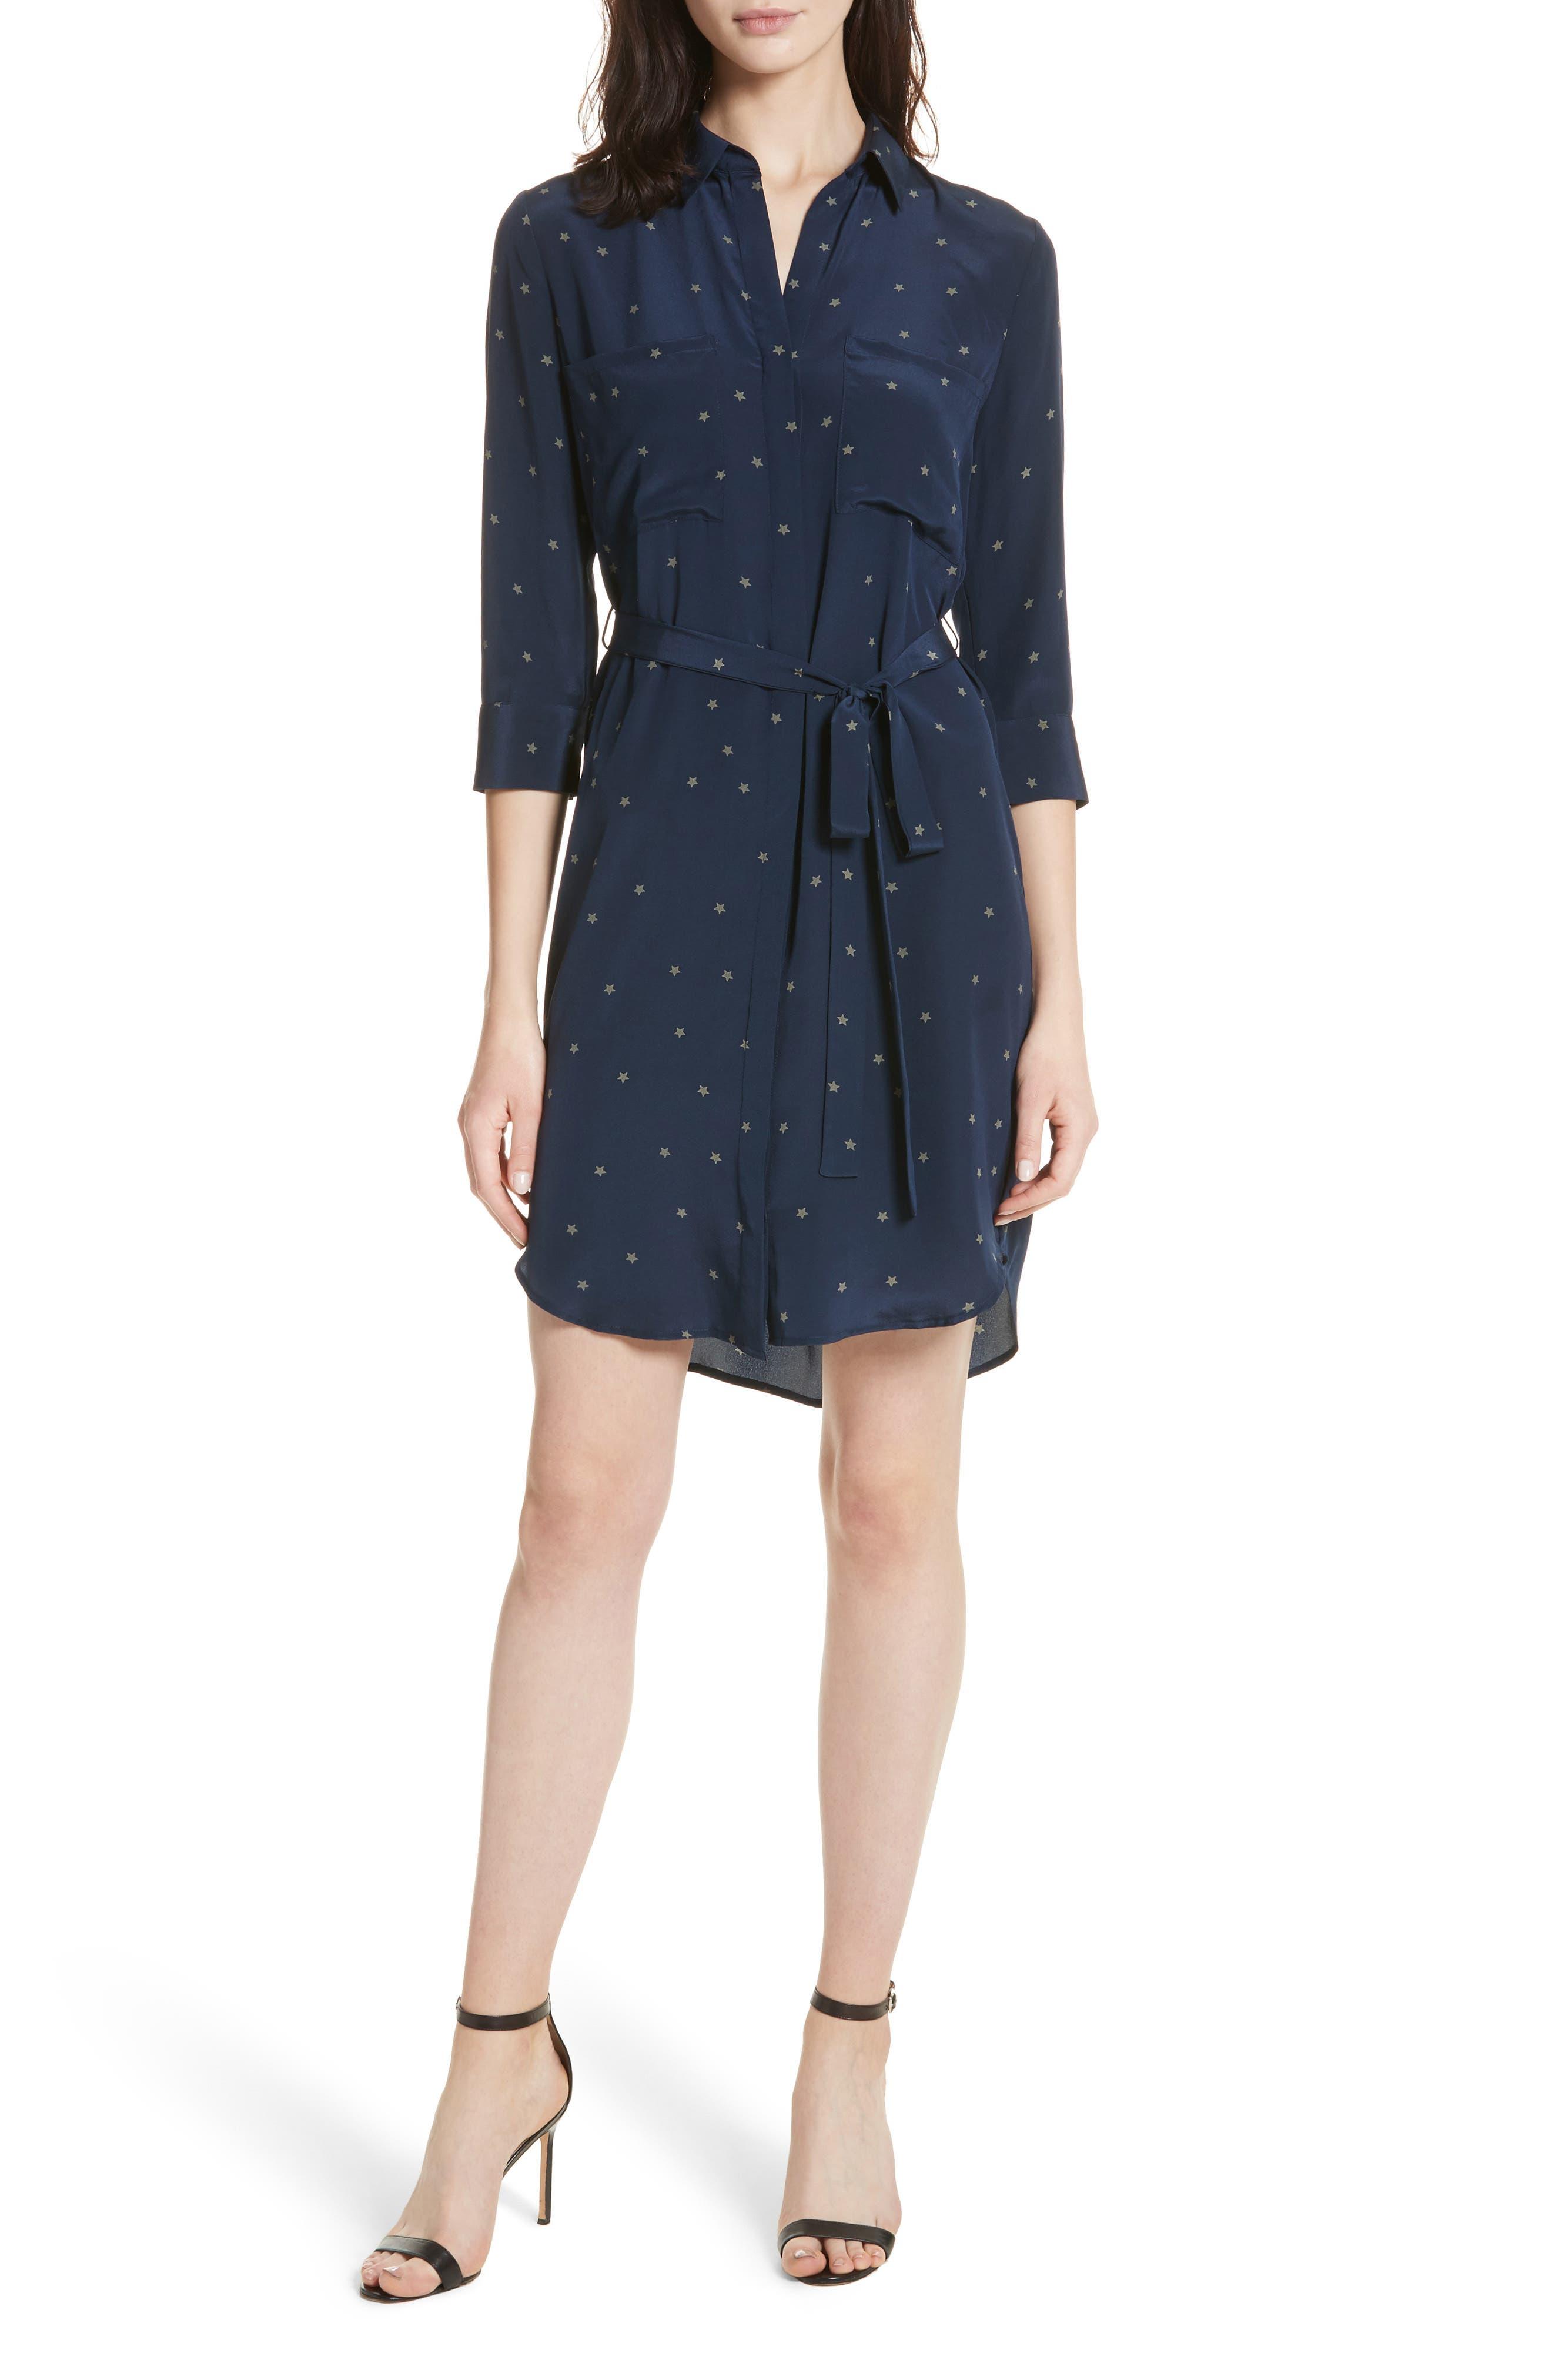 L'AGENCE Stella Star Print Silk Shirtdress